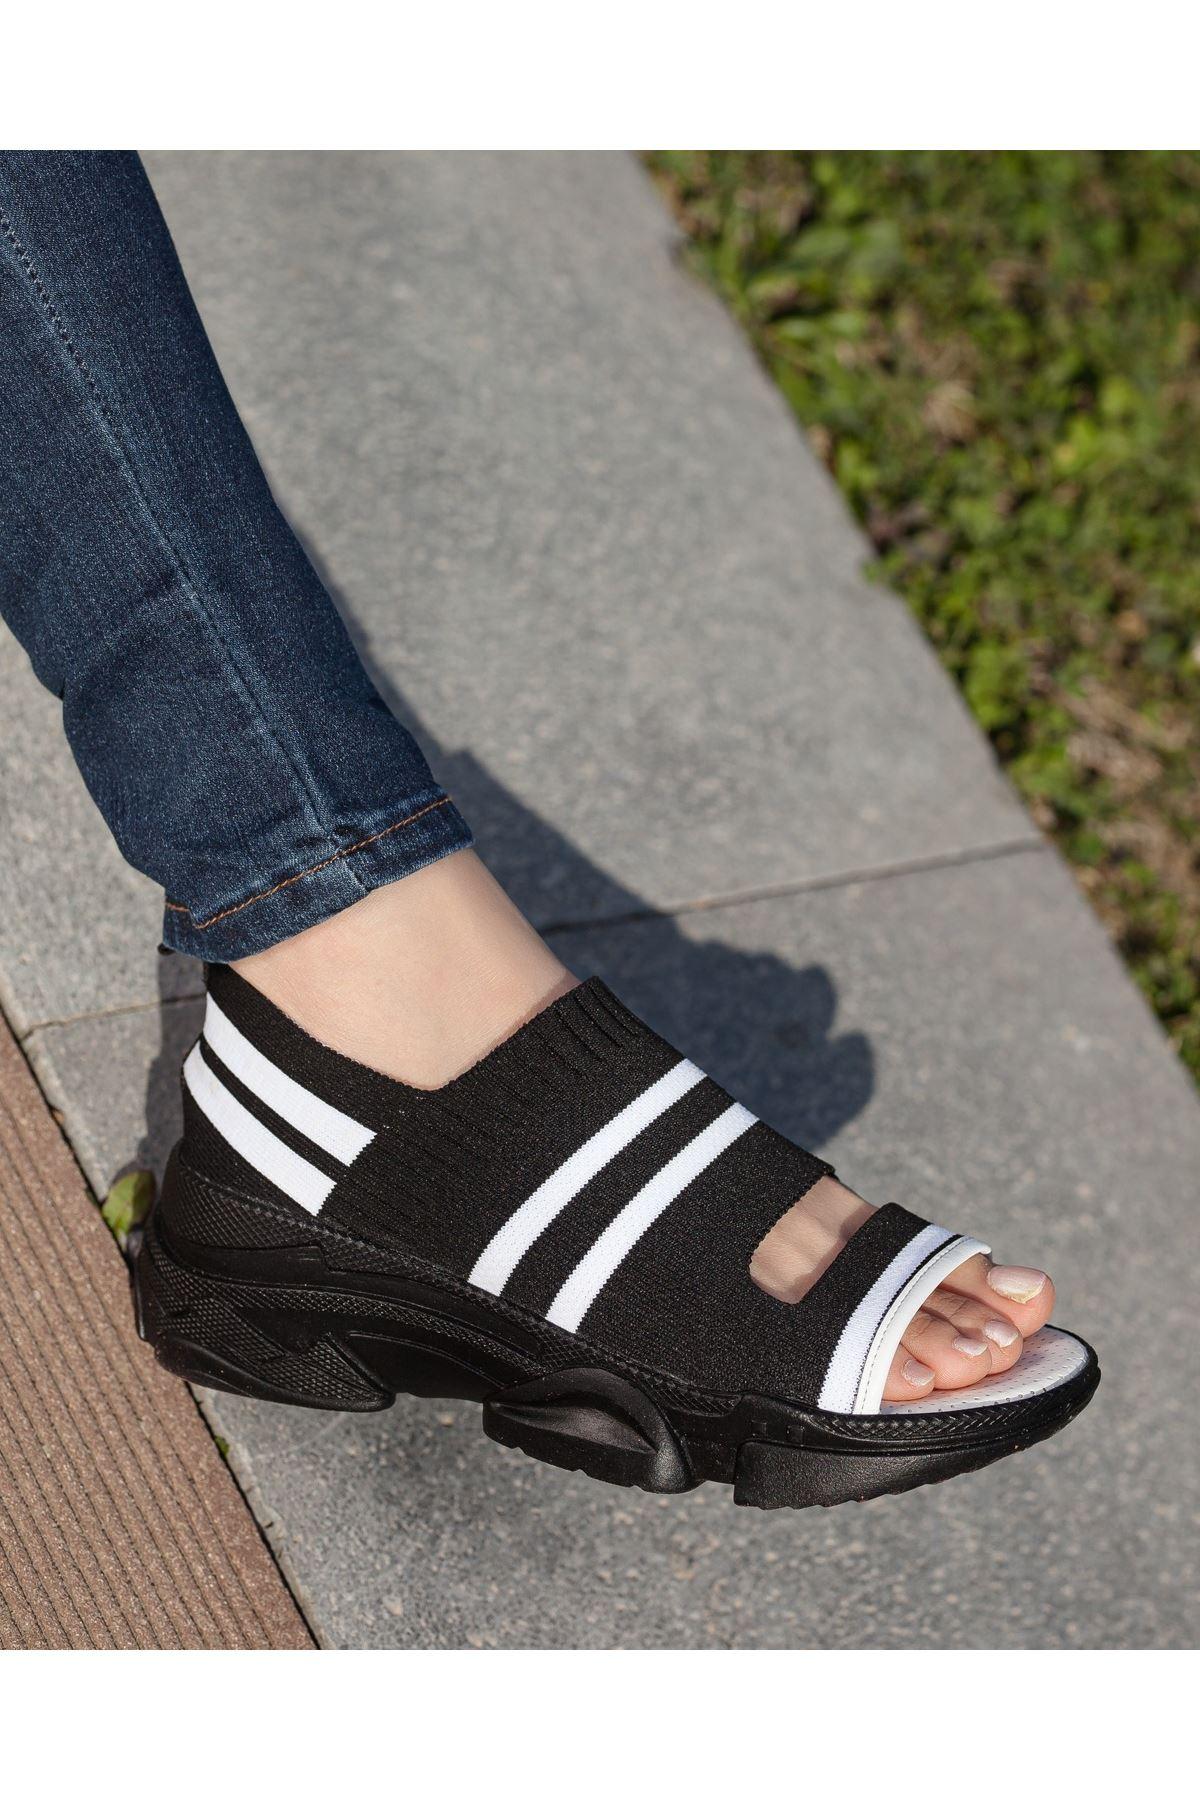 Hera Siyah Triko Bayan Spor Ayakkabı